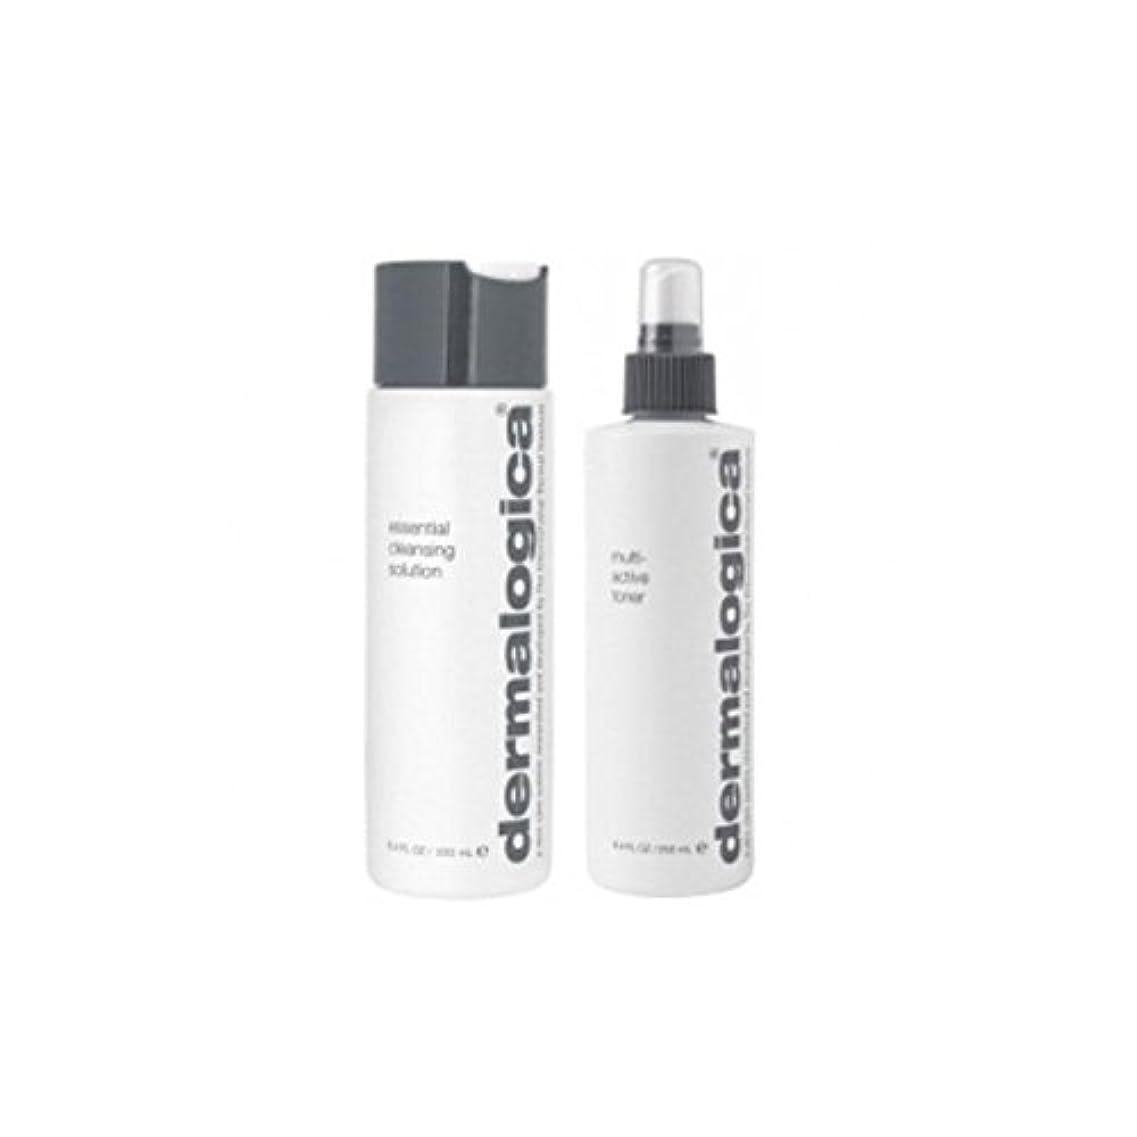 分布歪める樹皮Dermalogica Cleanse & Tone Duo - Dry Skin (Pack of 6) - ダーマロジカクレンジング&トーンデュオ - 乾燥肌 x6 [並行輸入品]